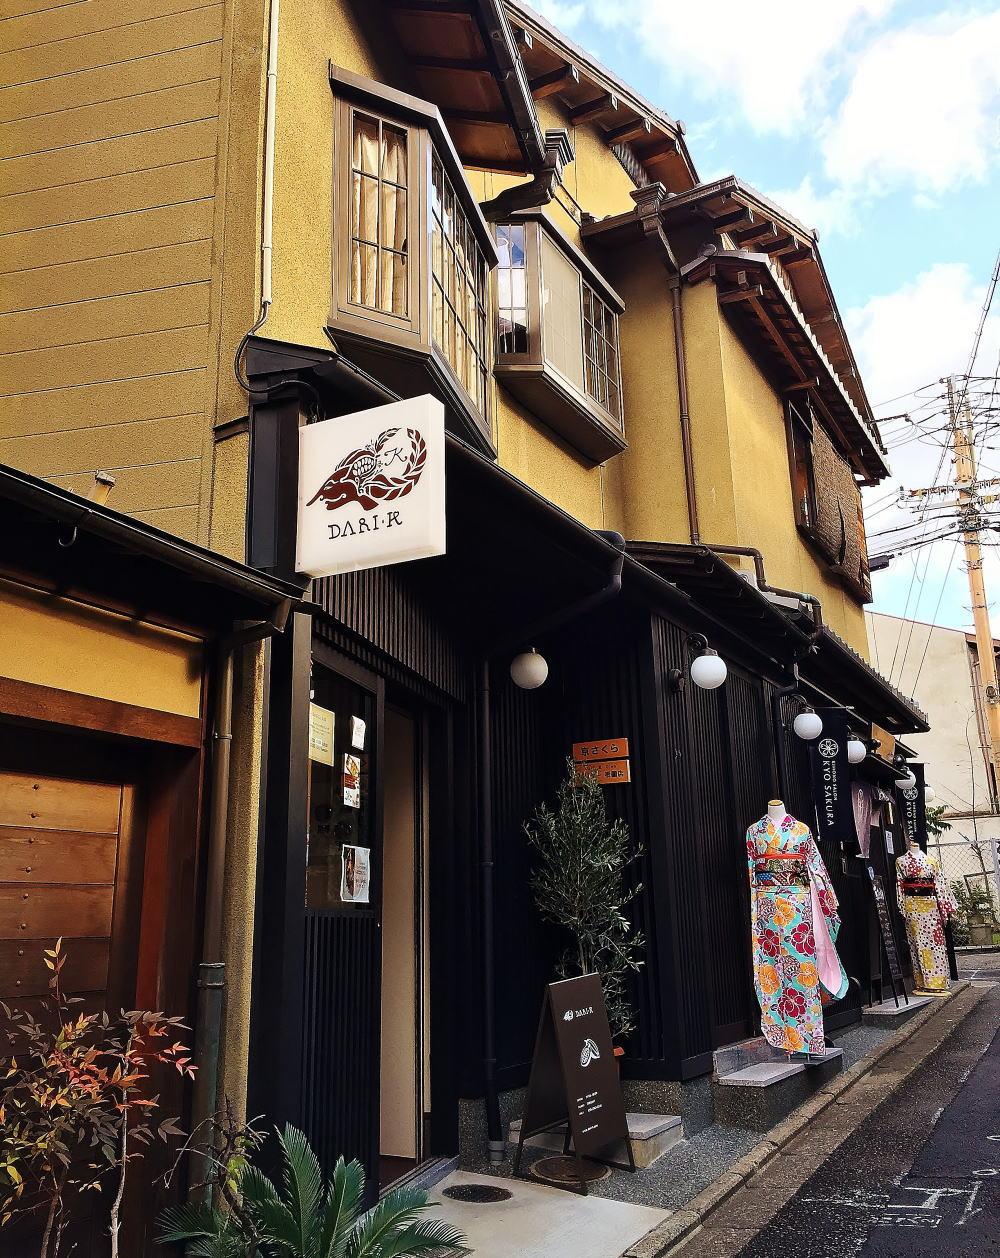 darik 祇園あきしの店